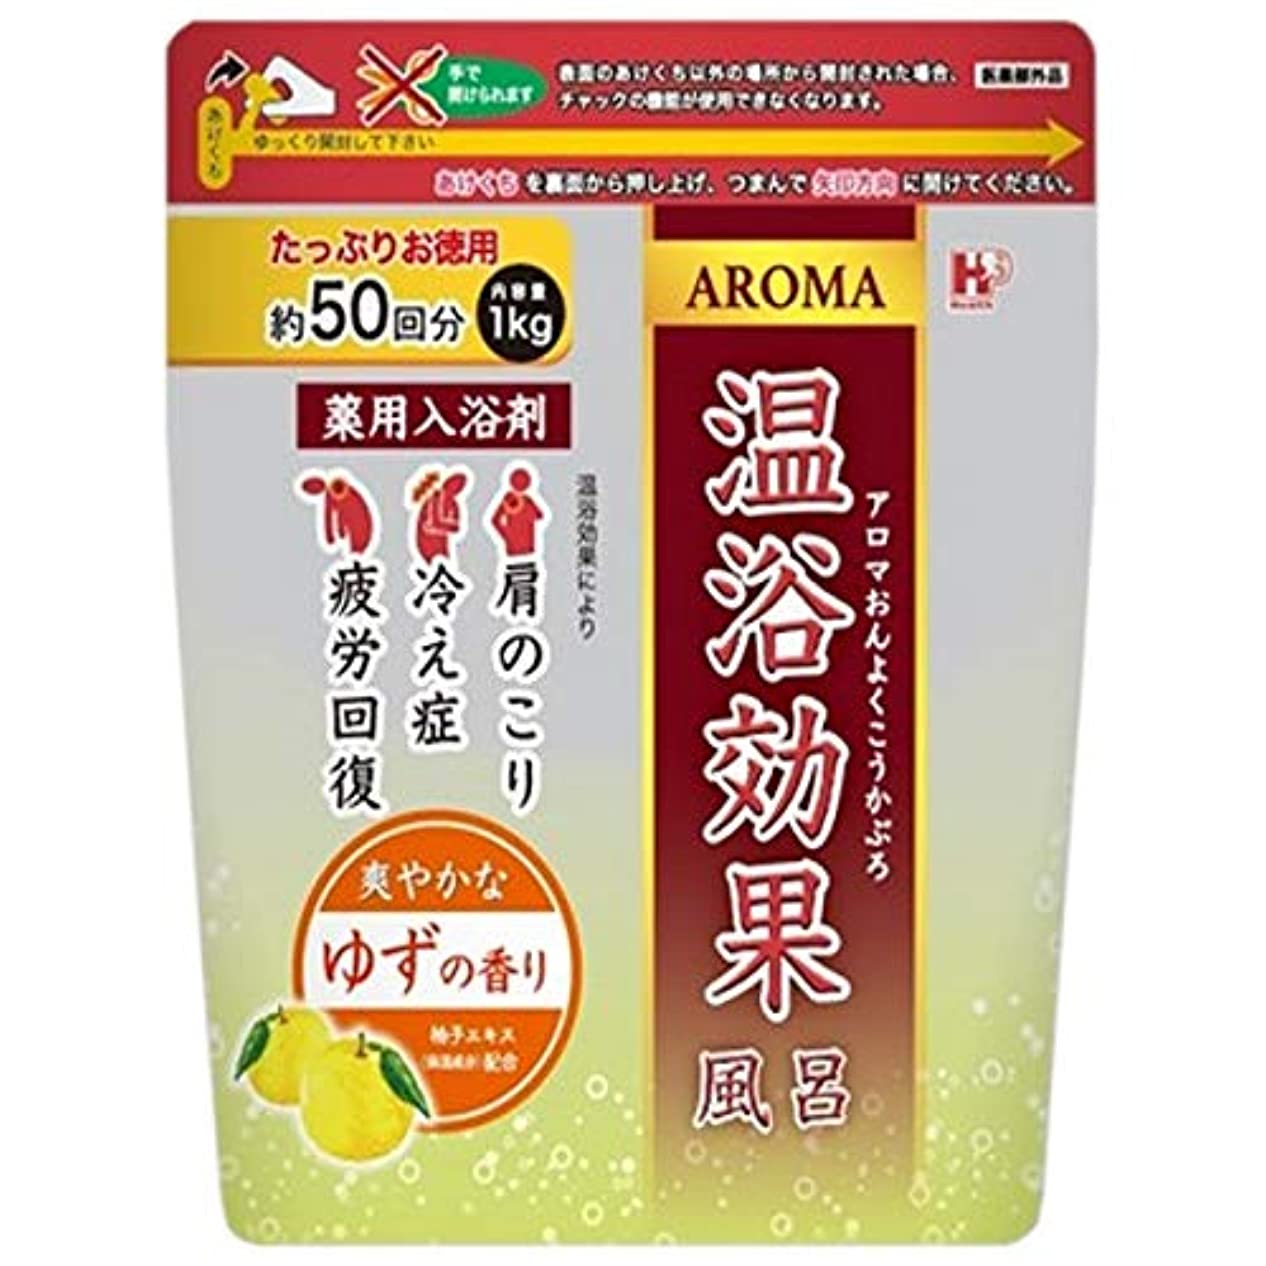 影響力のあるバランスのとれた外観薬用入浴剤 アロマ温浴効果風呂 ゆず 1kg×10袋入